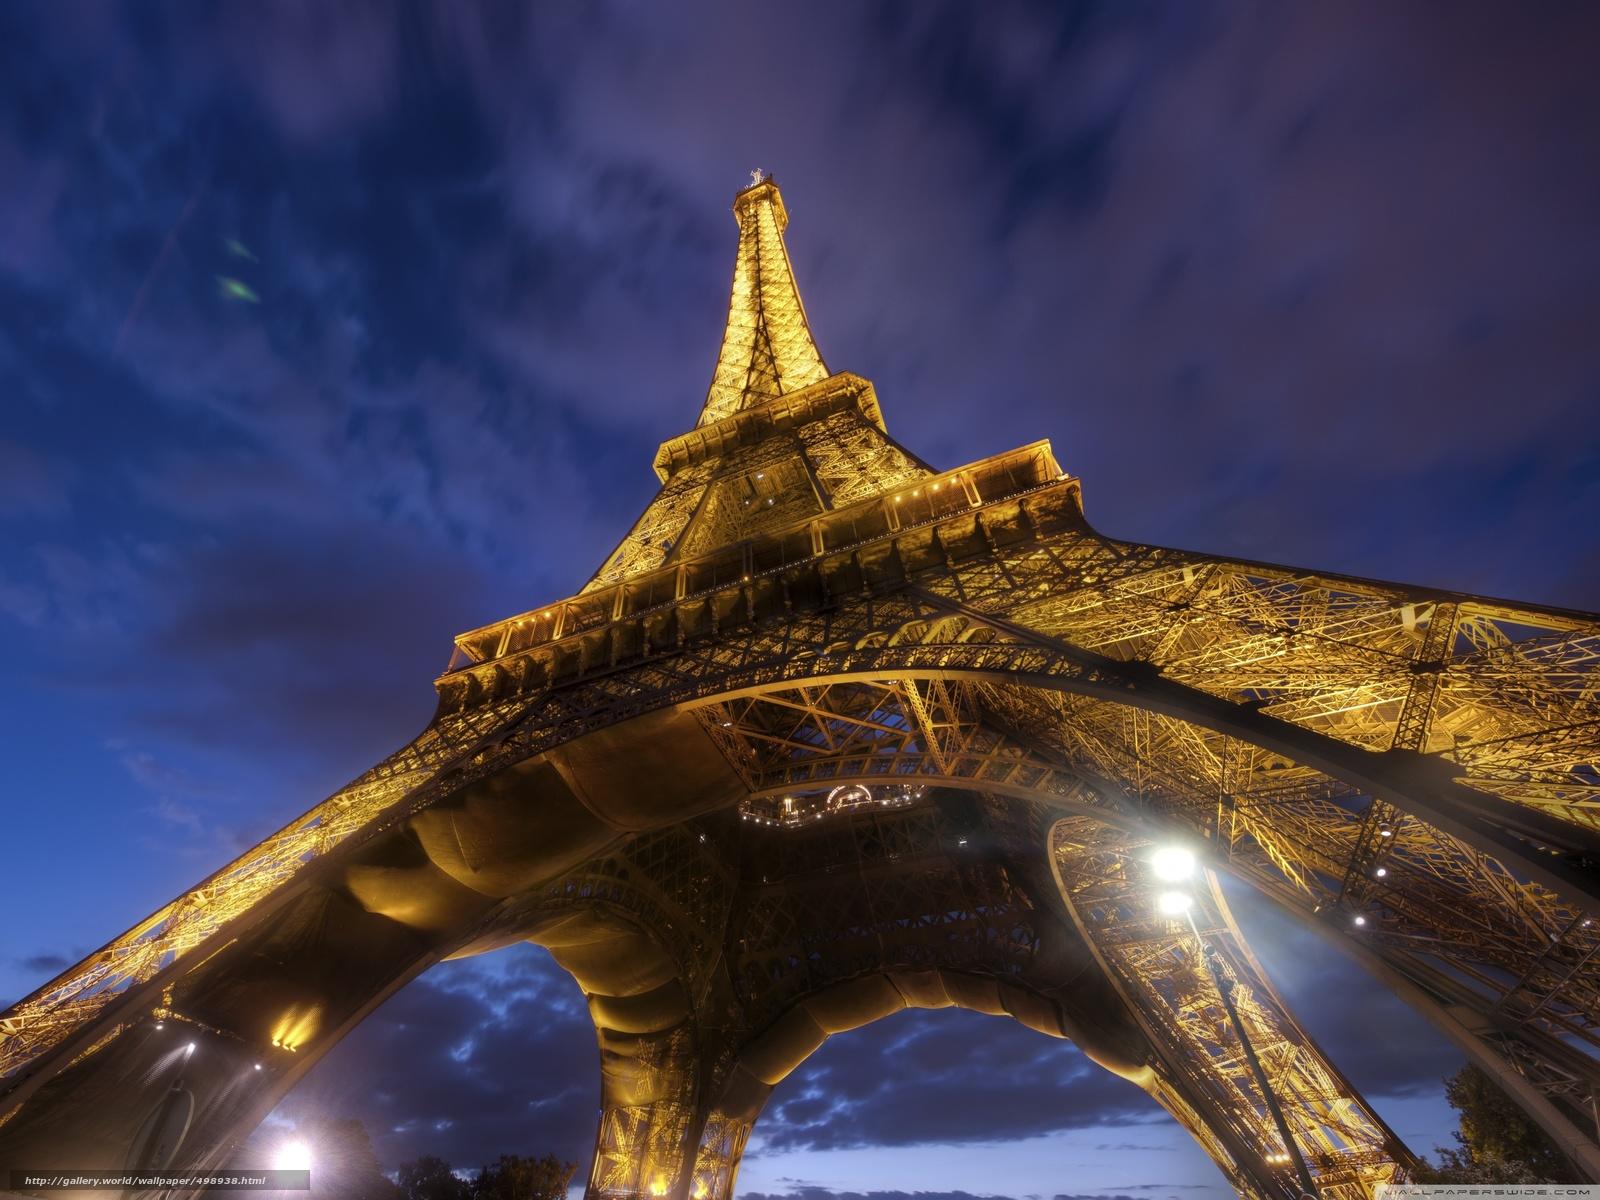 壁紙をダウンロード フランス パリ エッフェル塔 パリ デスクトップの解像度のための無料壁紙